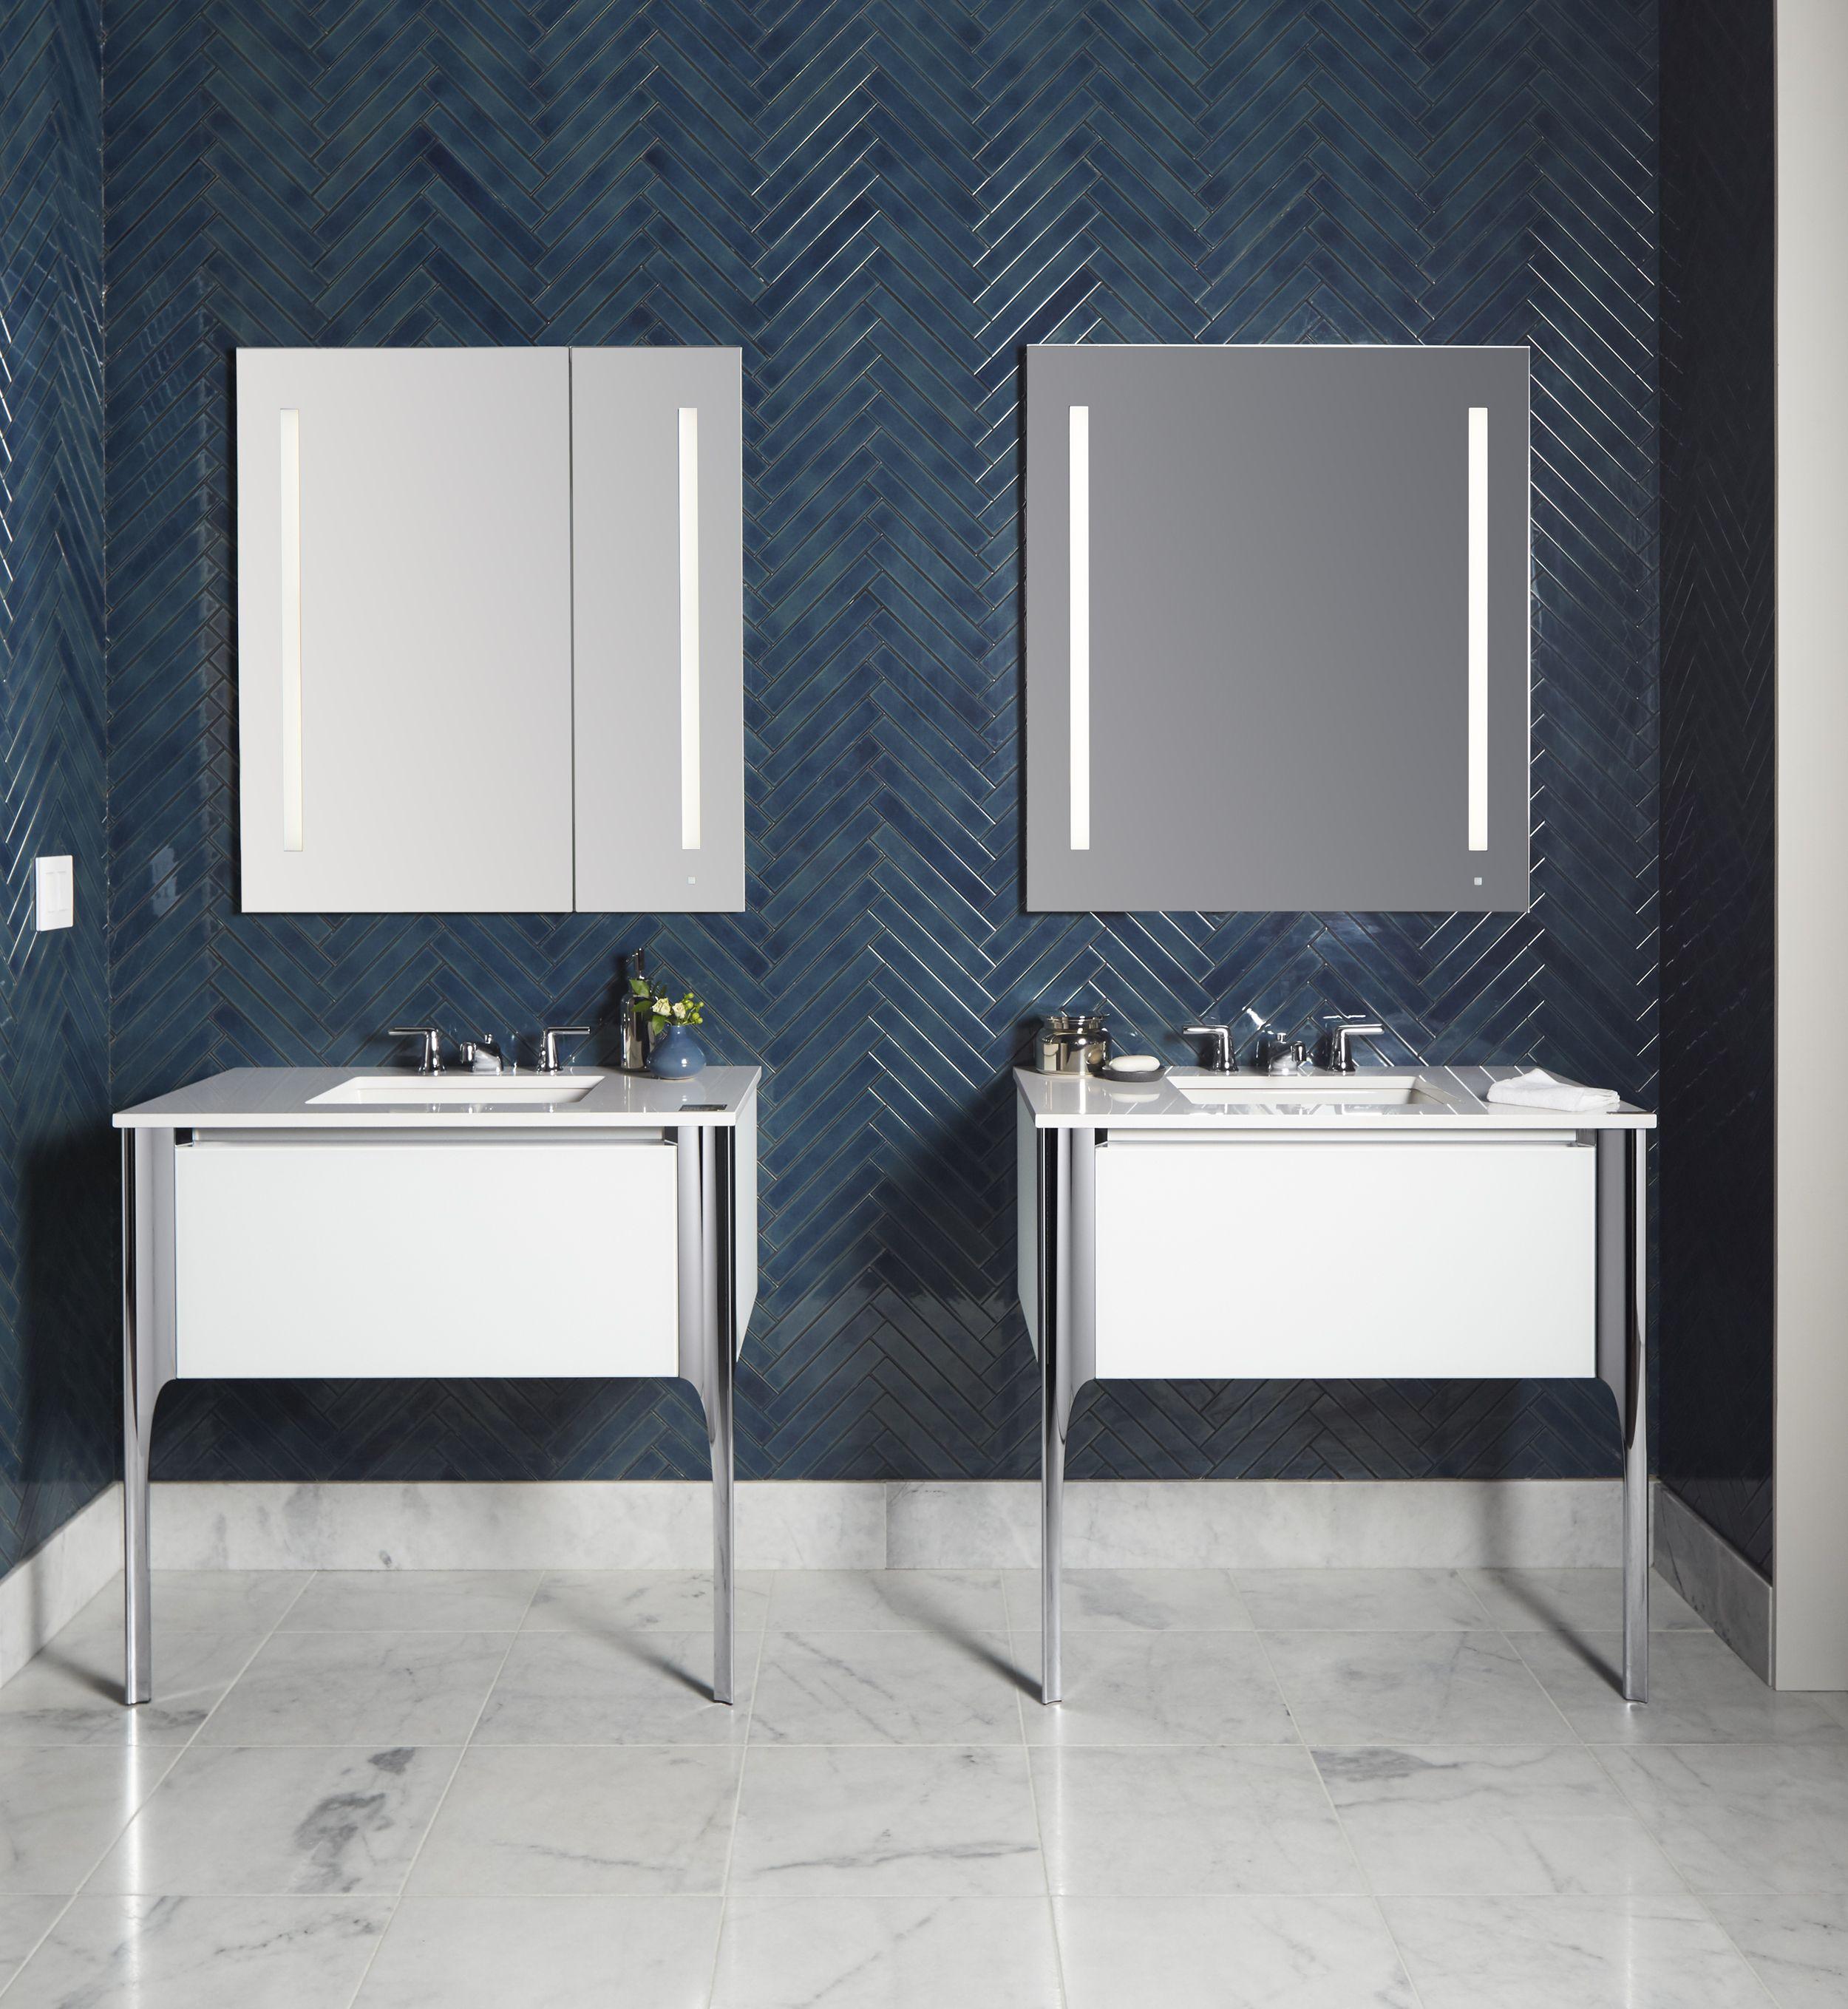 patterned bathroom tiles tile bathroom